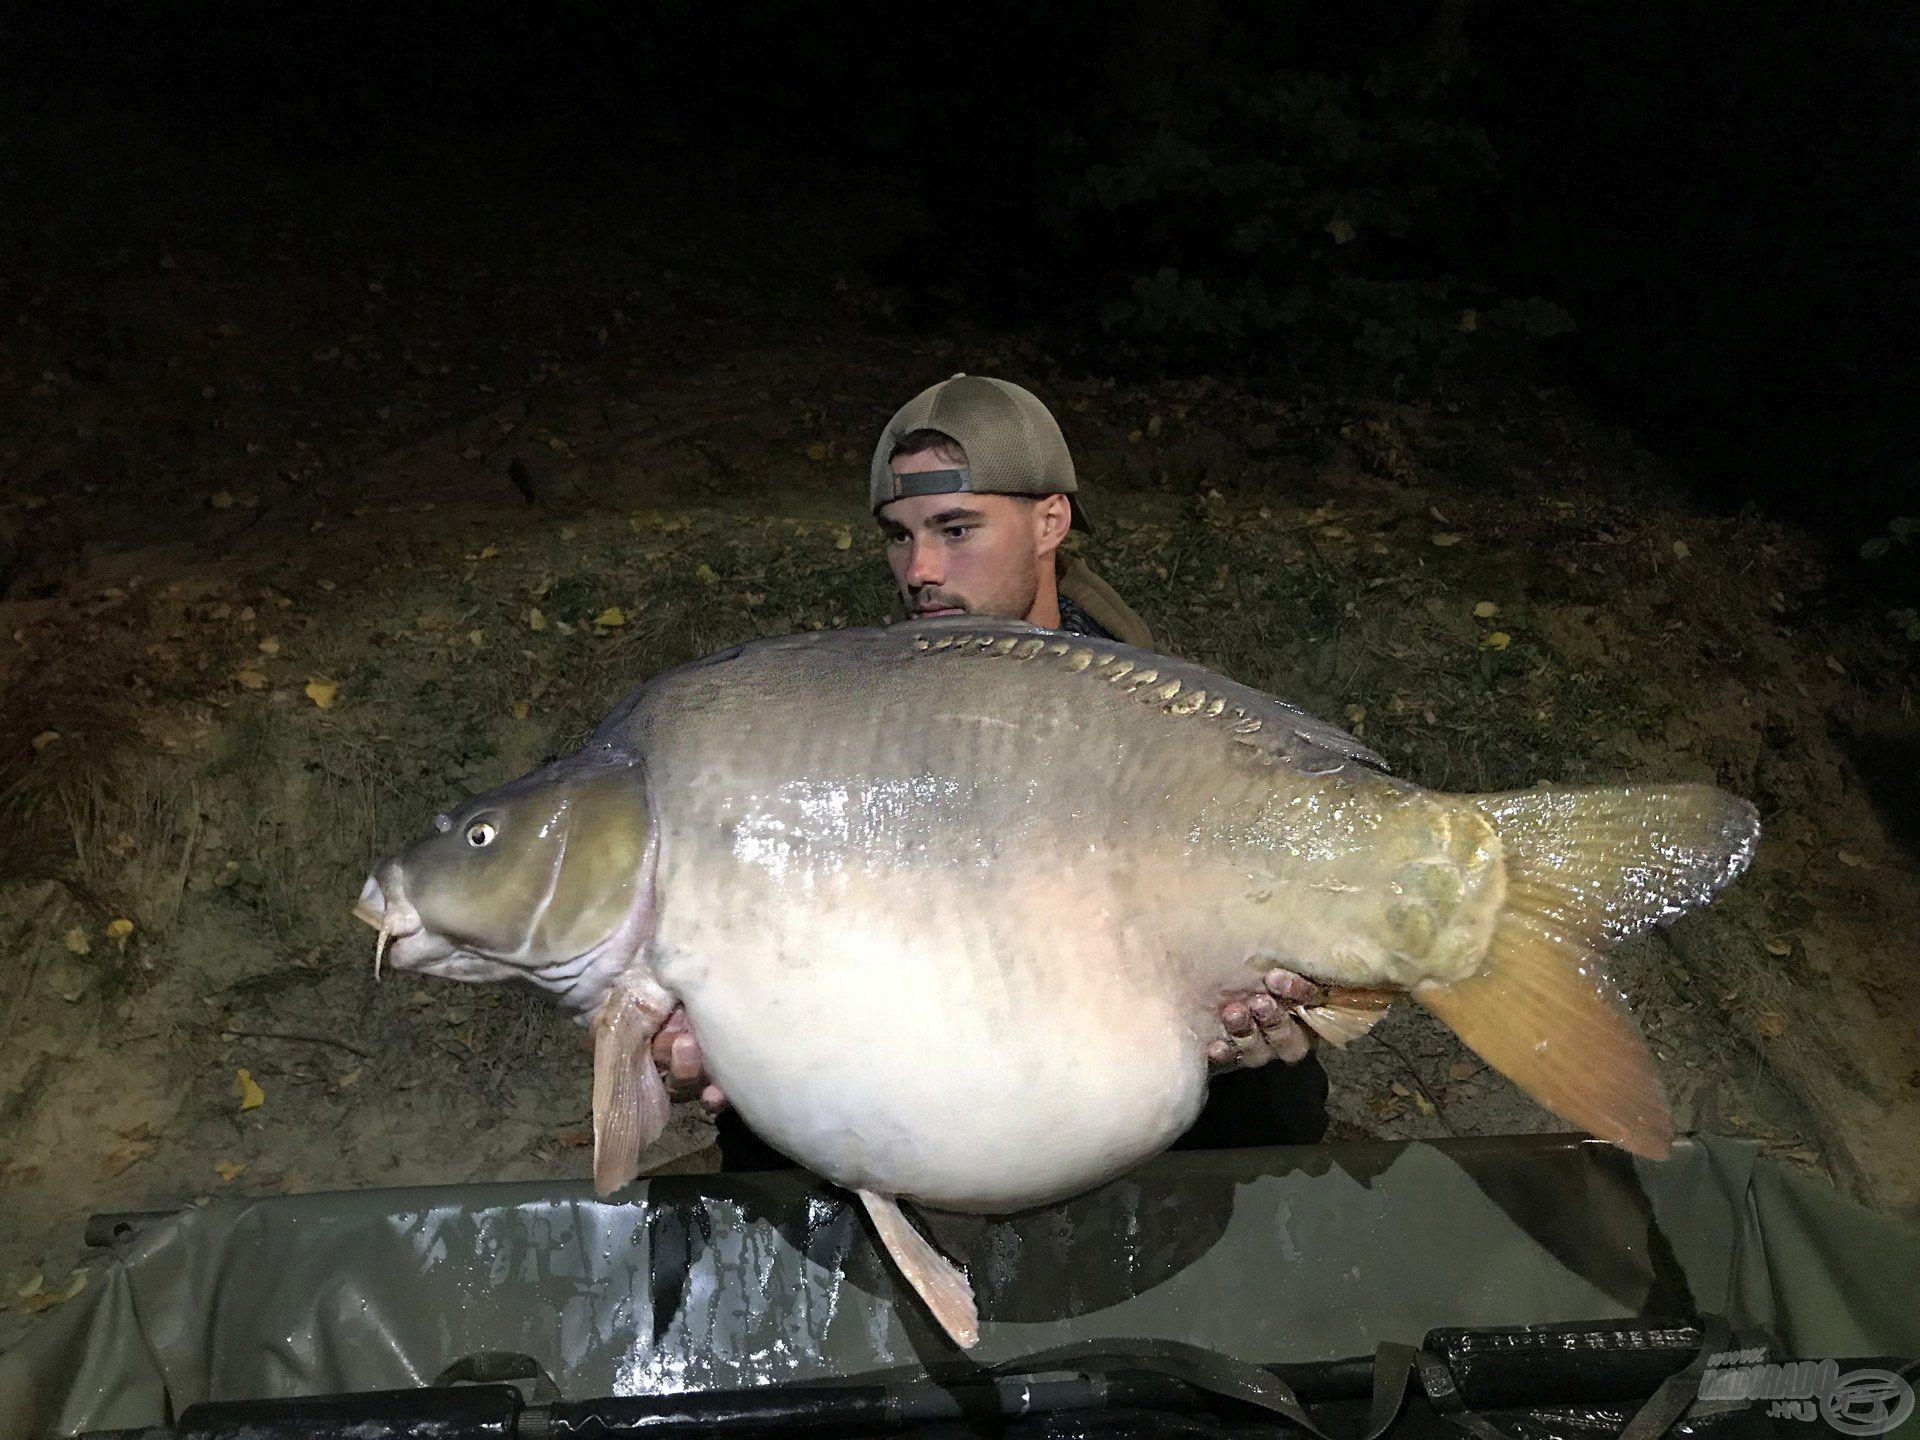 Első este tiszteletét tette egy 22 kg-os, pocakos tükrös